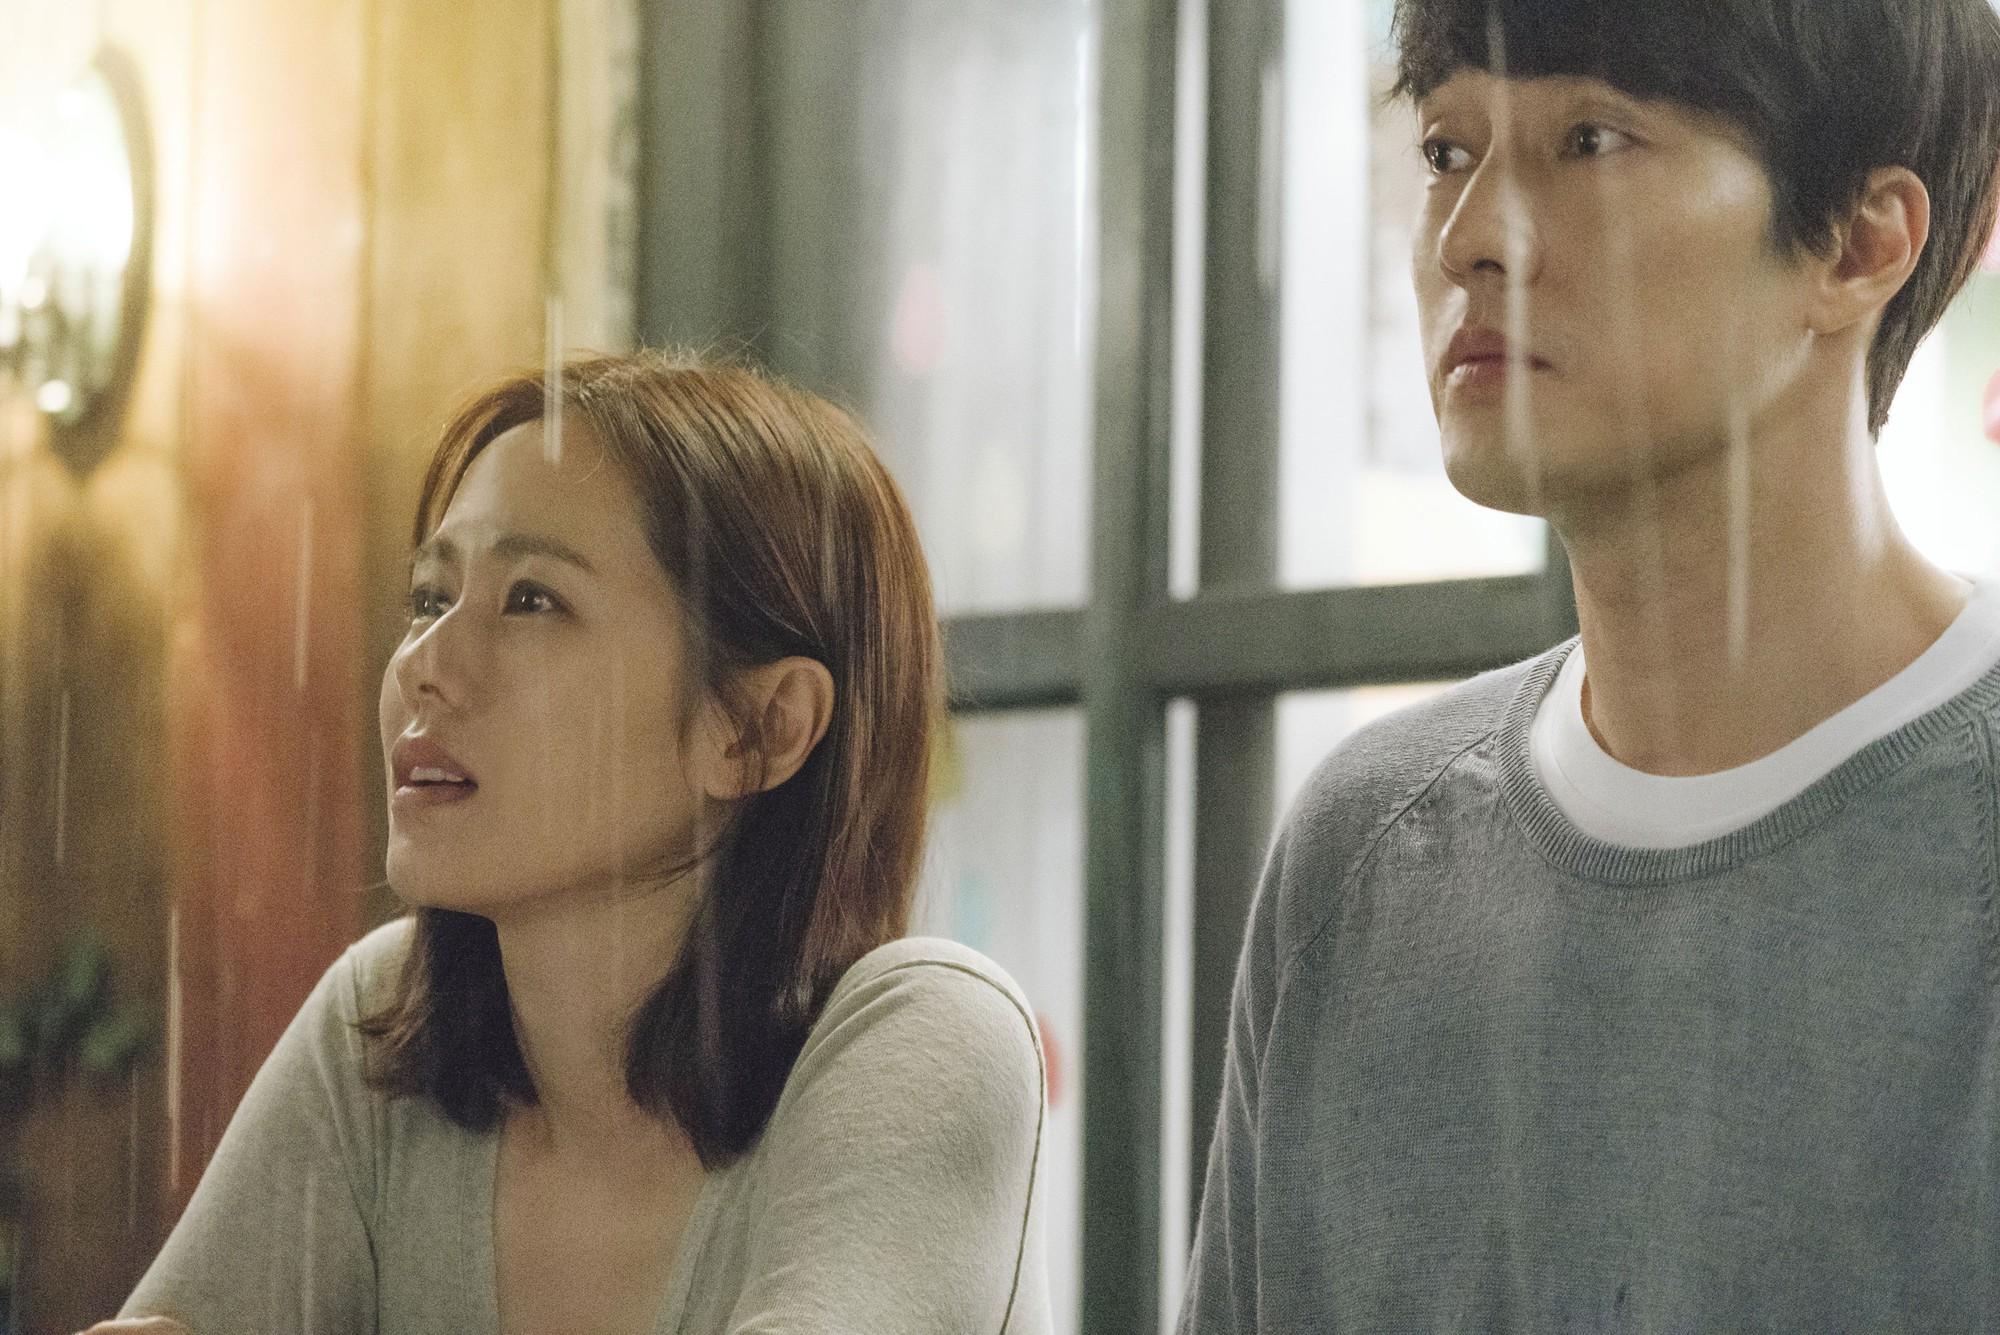 Ngoài cặp đôi tường thành So Ji Sub - Son Ye Jin, Và Em Sẽ Đến có điểm gì đáng xem? - Ảnh 3.